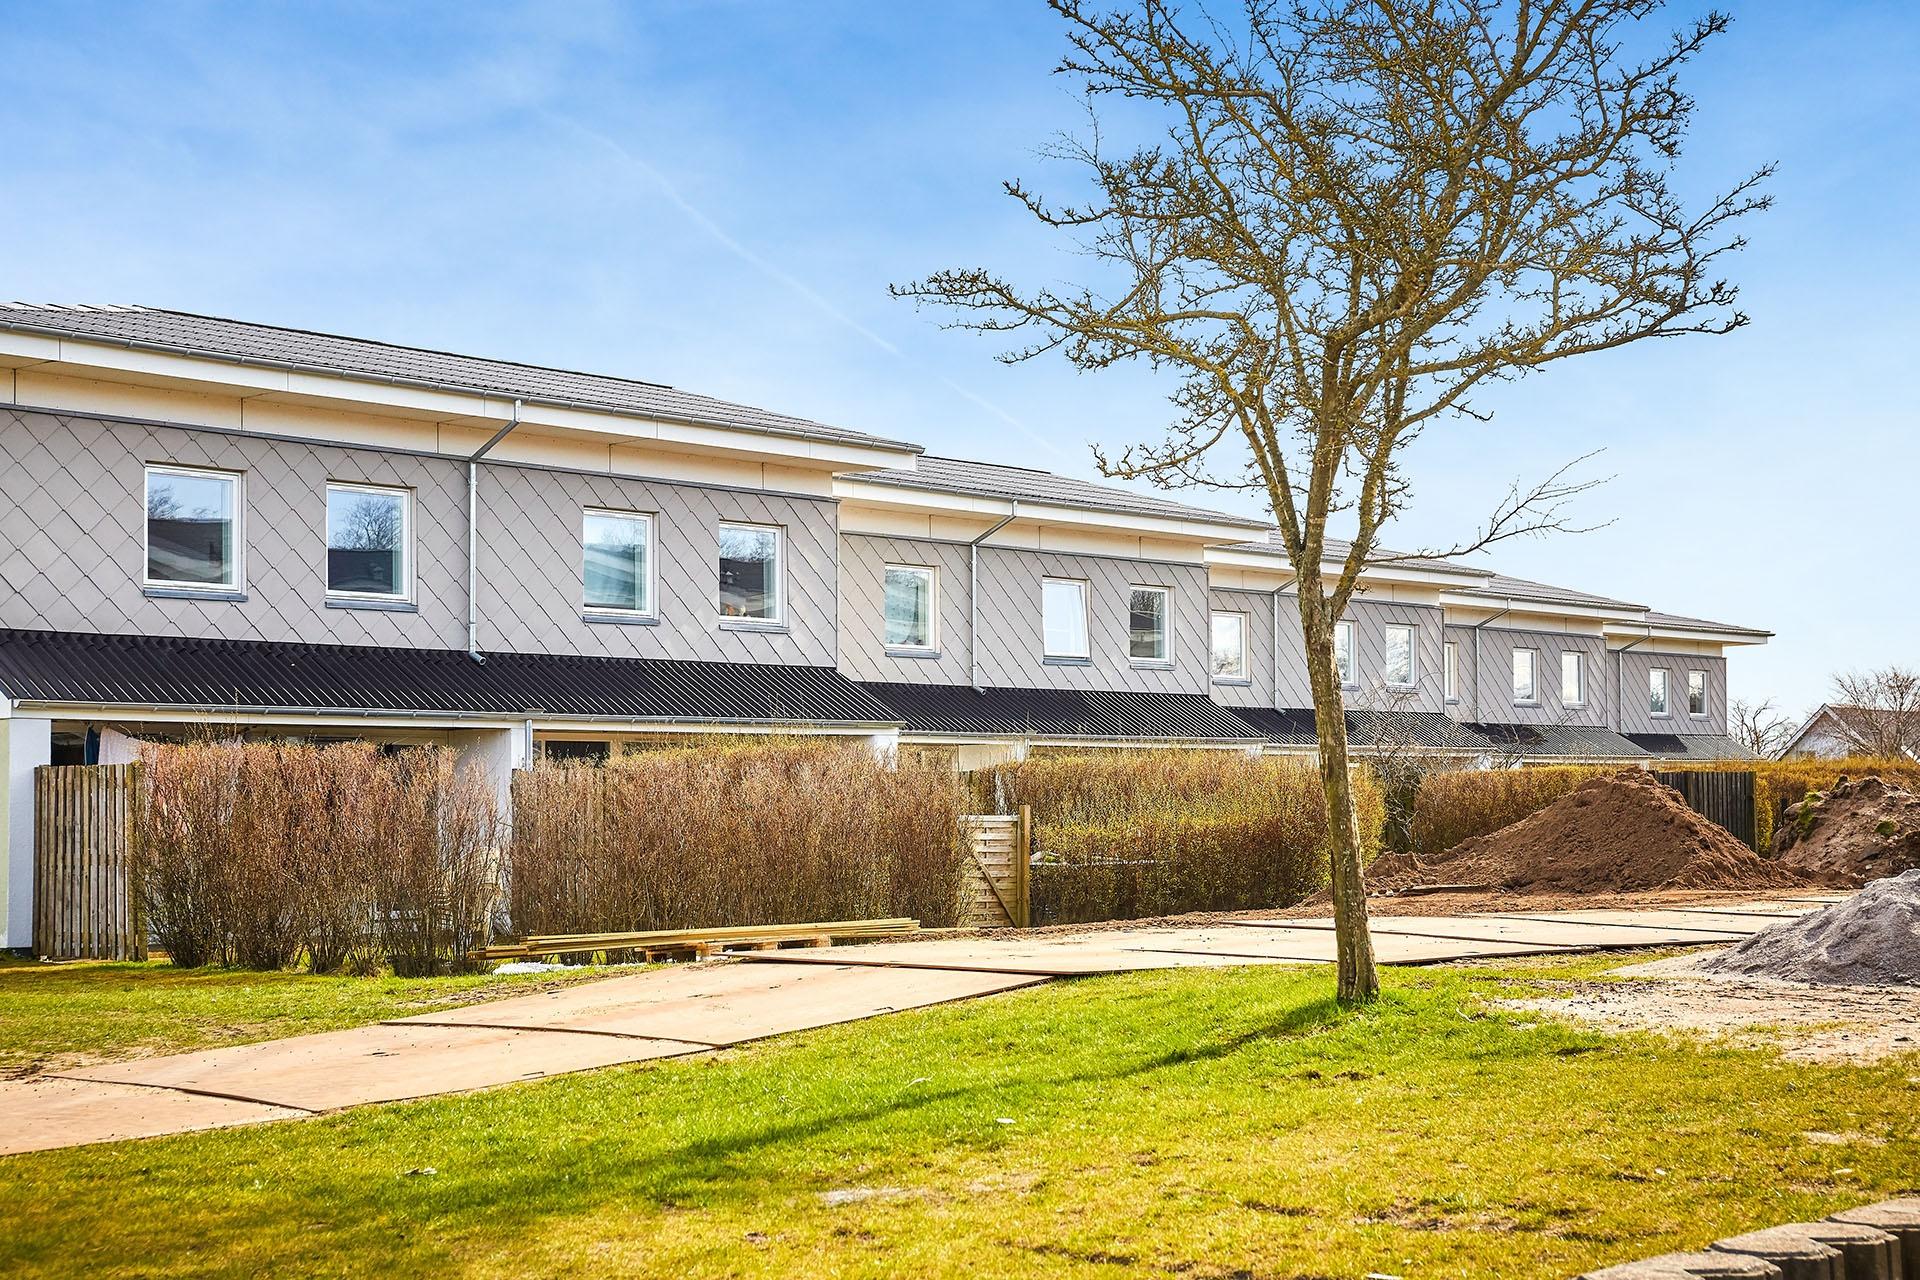 Almene boliger får nyt liv med ventilationsvinduer